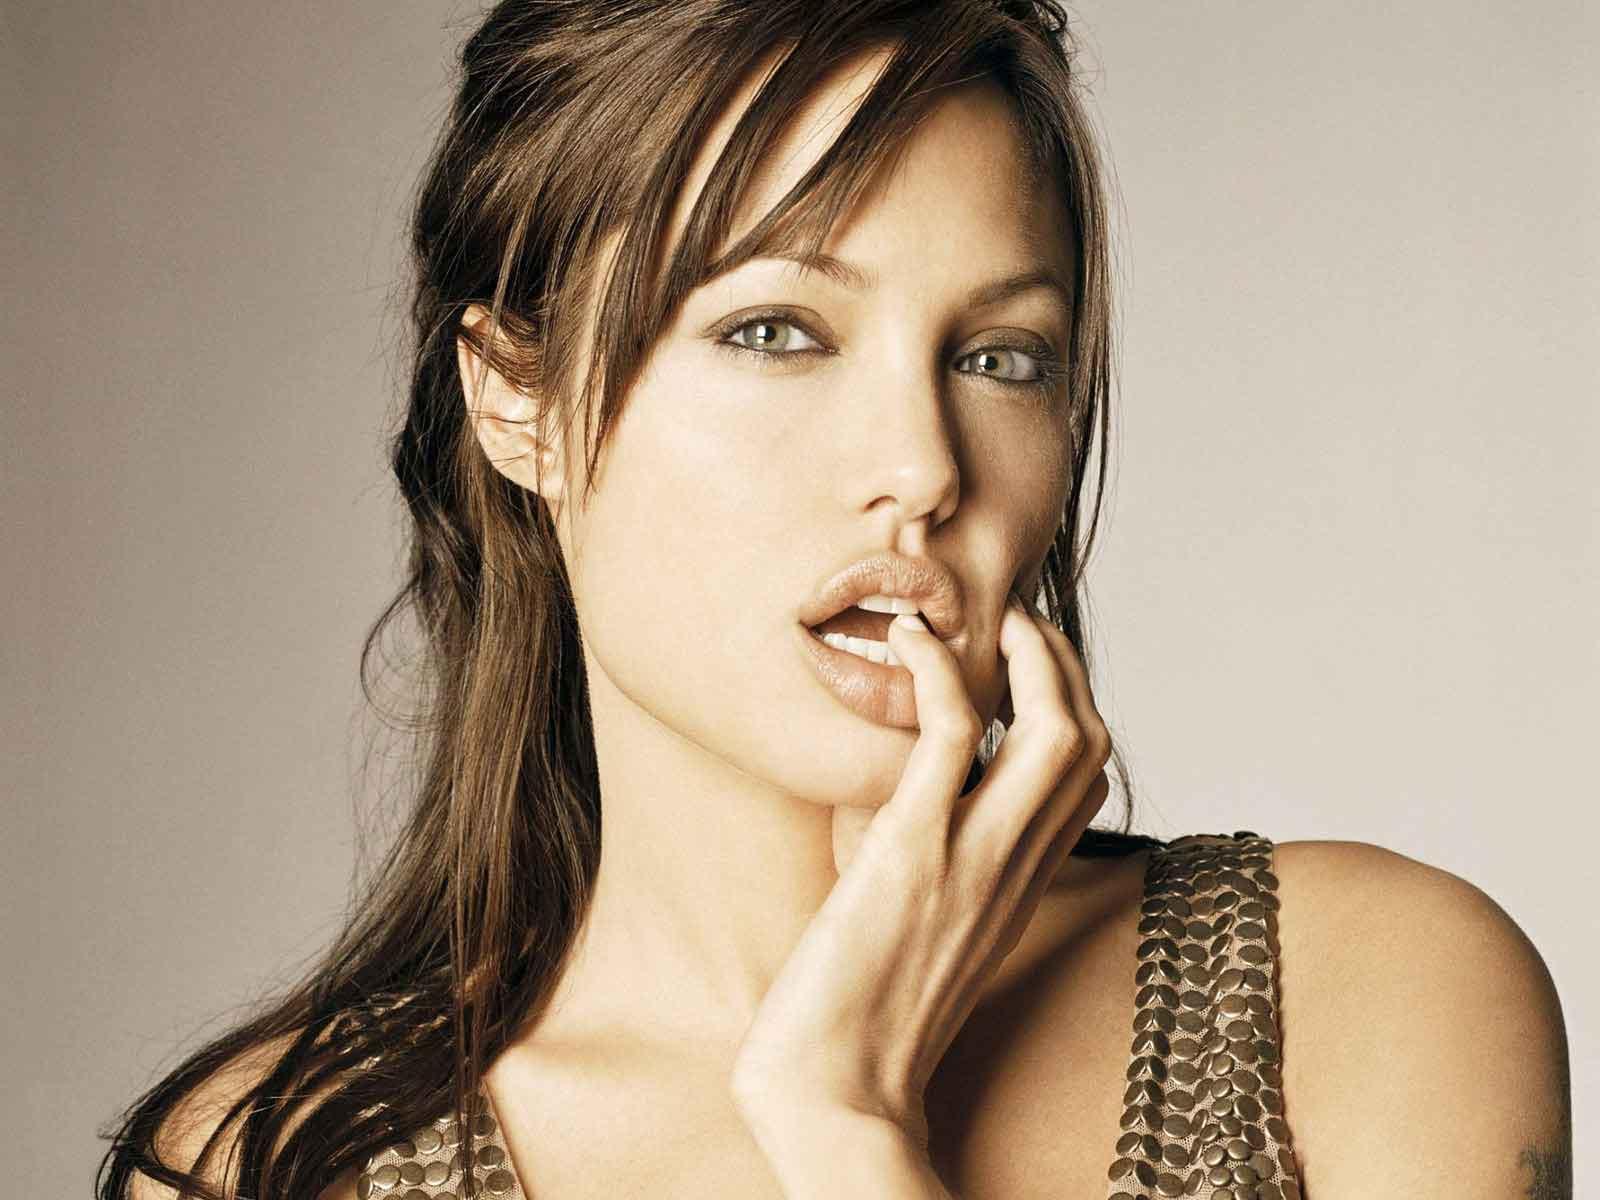 http://2.bp.blogspot.com/-7OlN7y2yJOg/T_tUG2dP3qI/AAAAAAAAEQw/tgPaBVix6bg/s1600/Angelina+Jolie+Sexy+Lips(7).jpg